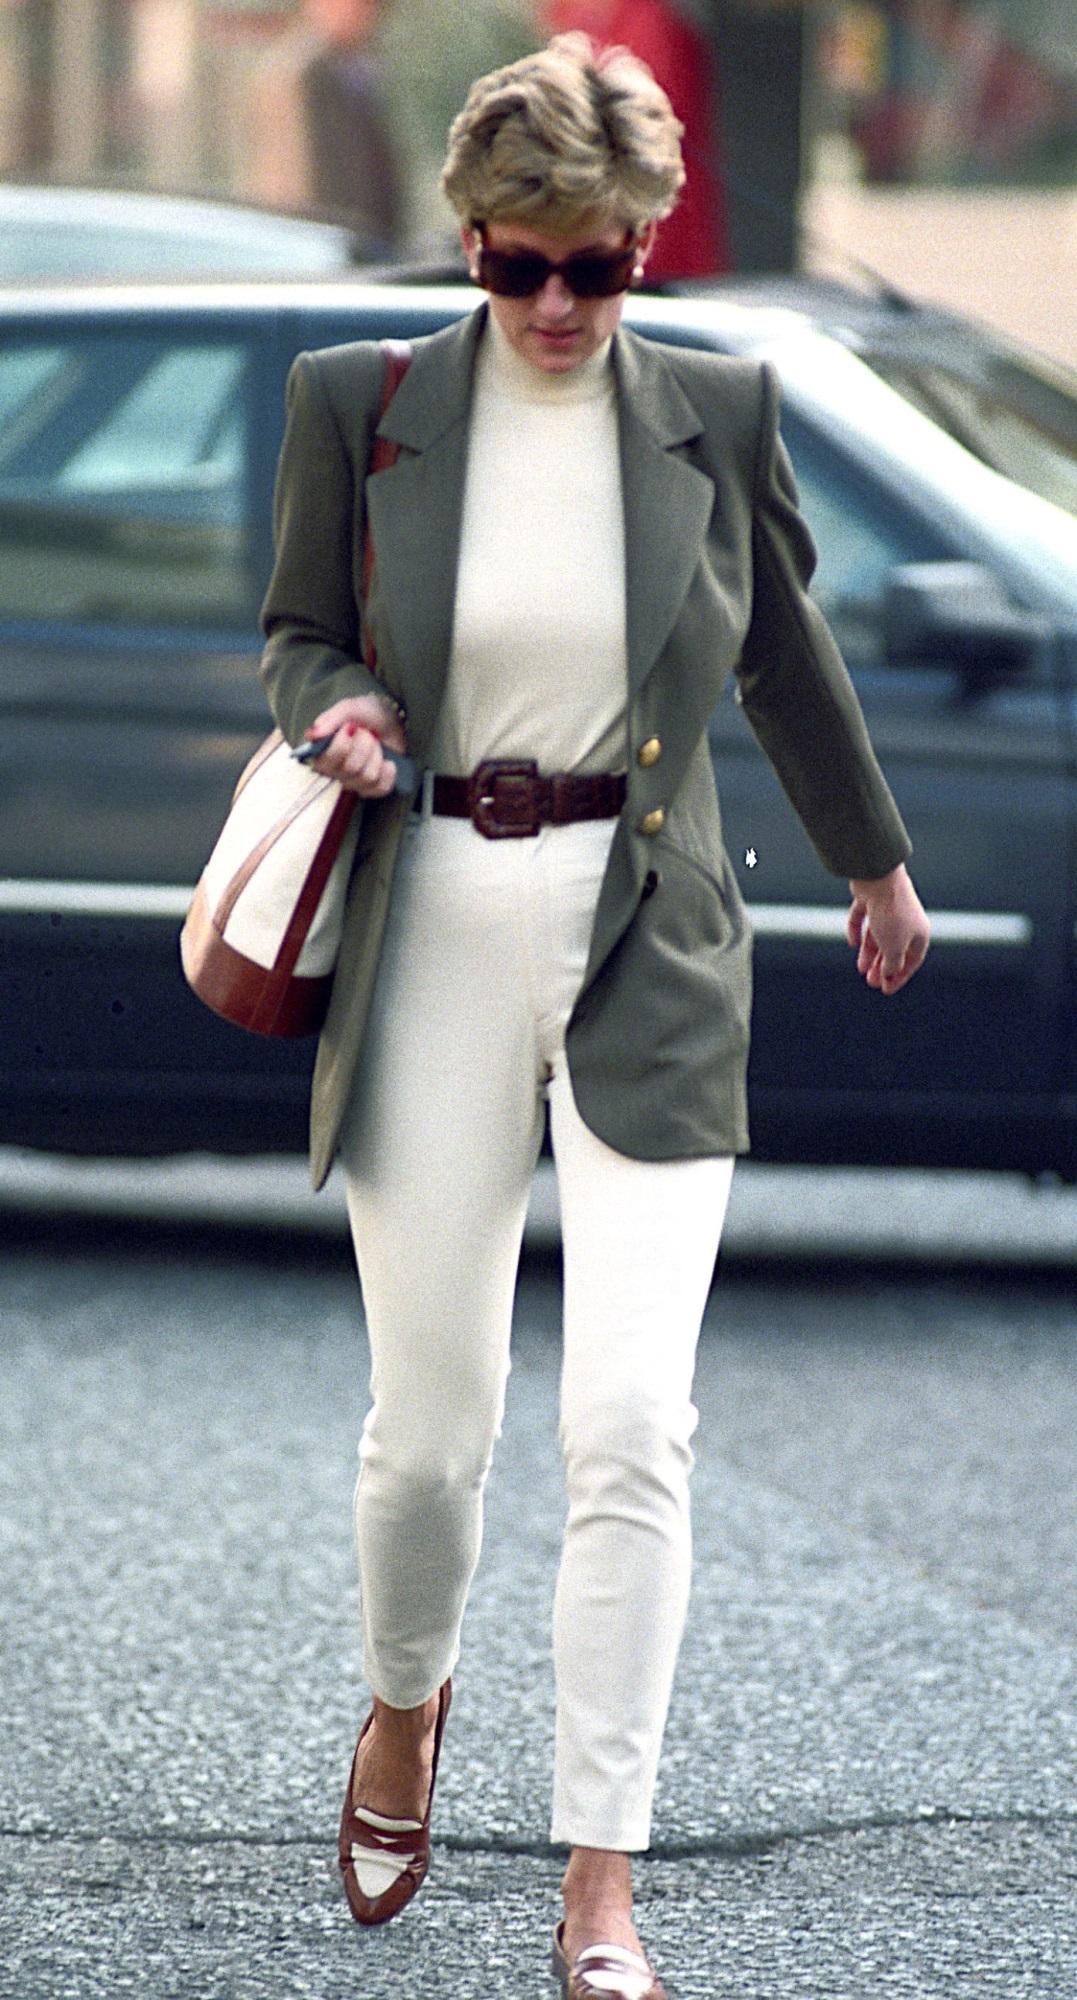 Học Công nương Diana 4 cách diện blazer vừa đơn giản lại chuẩn xịn y chang phong cách Hoàng gia - Ảnh 6